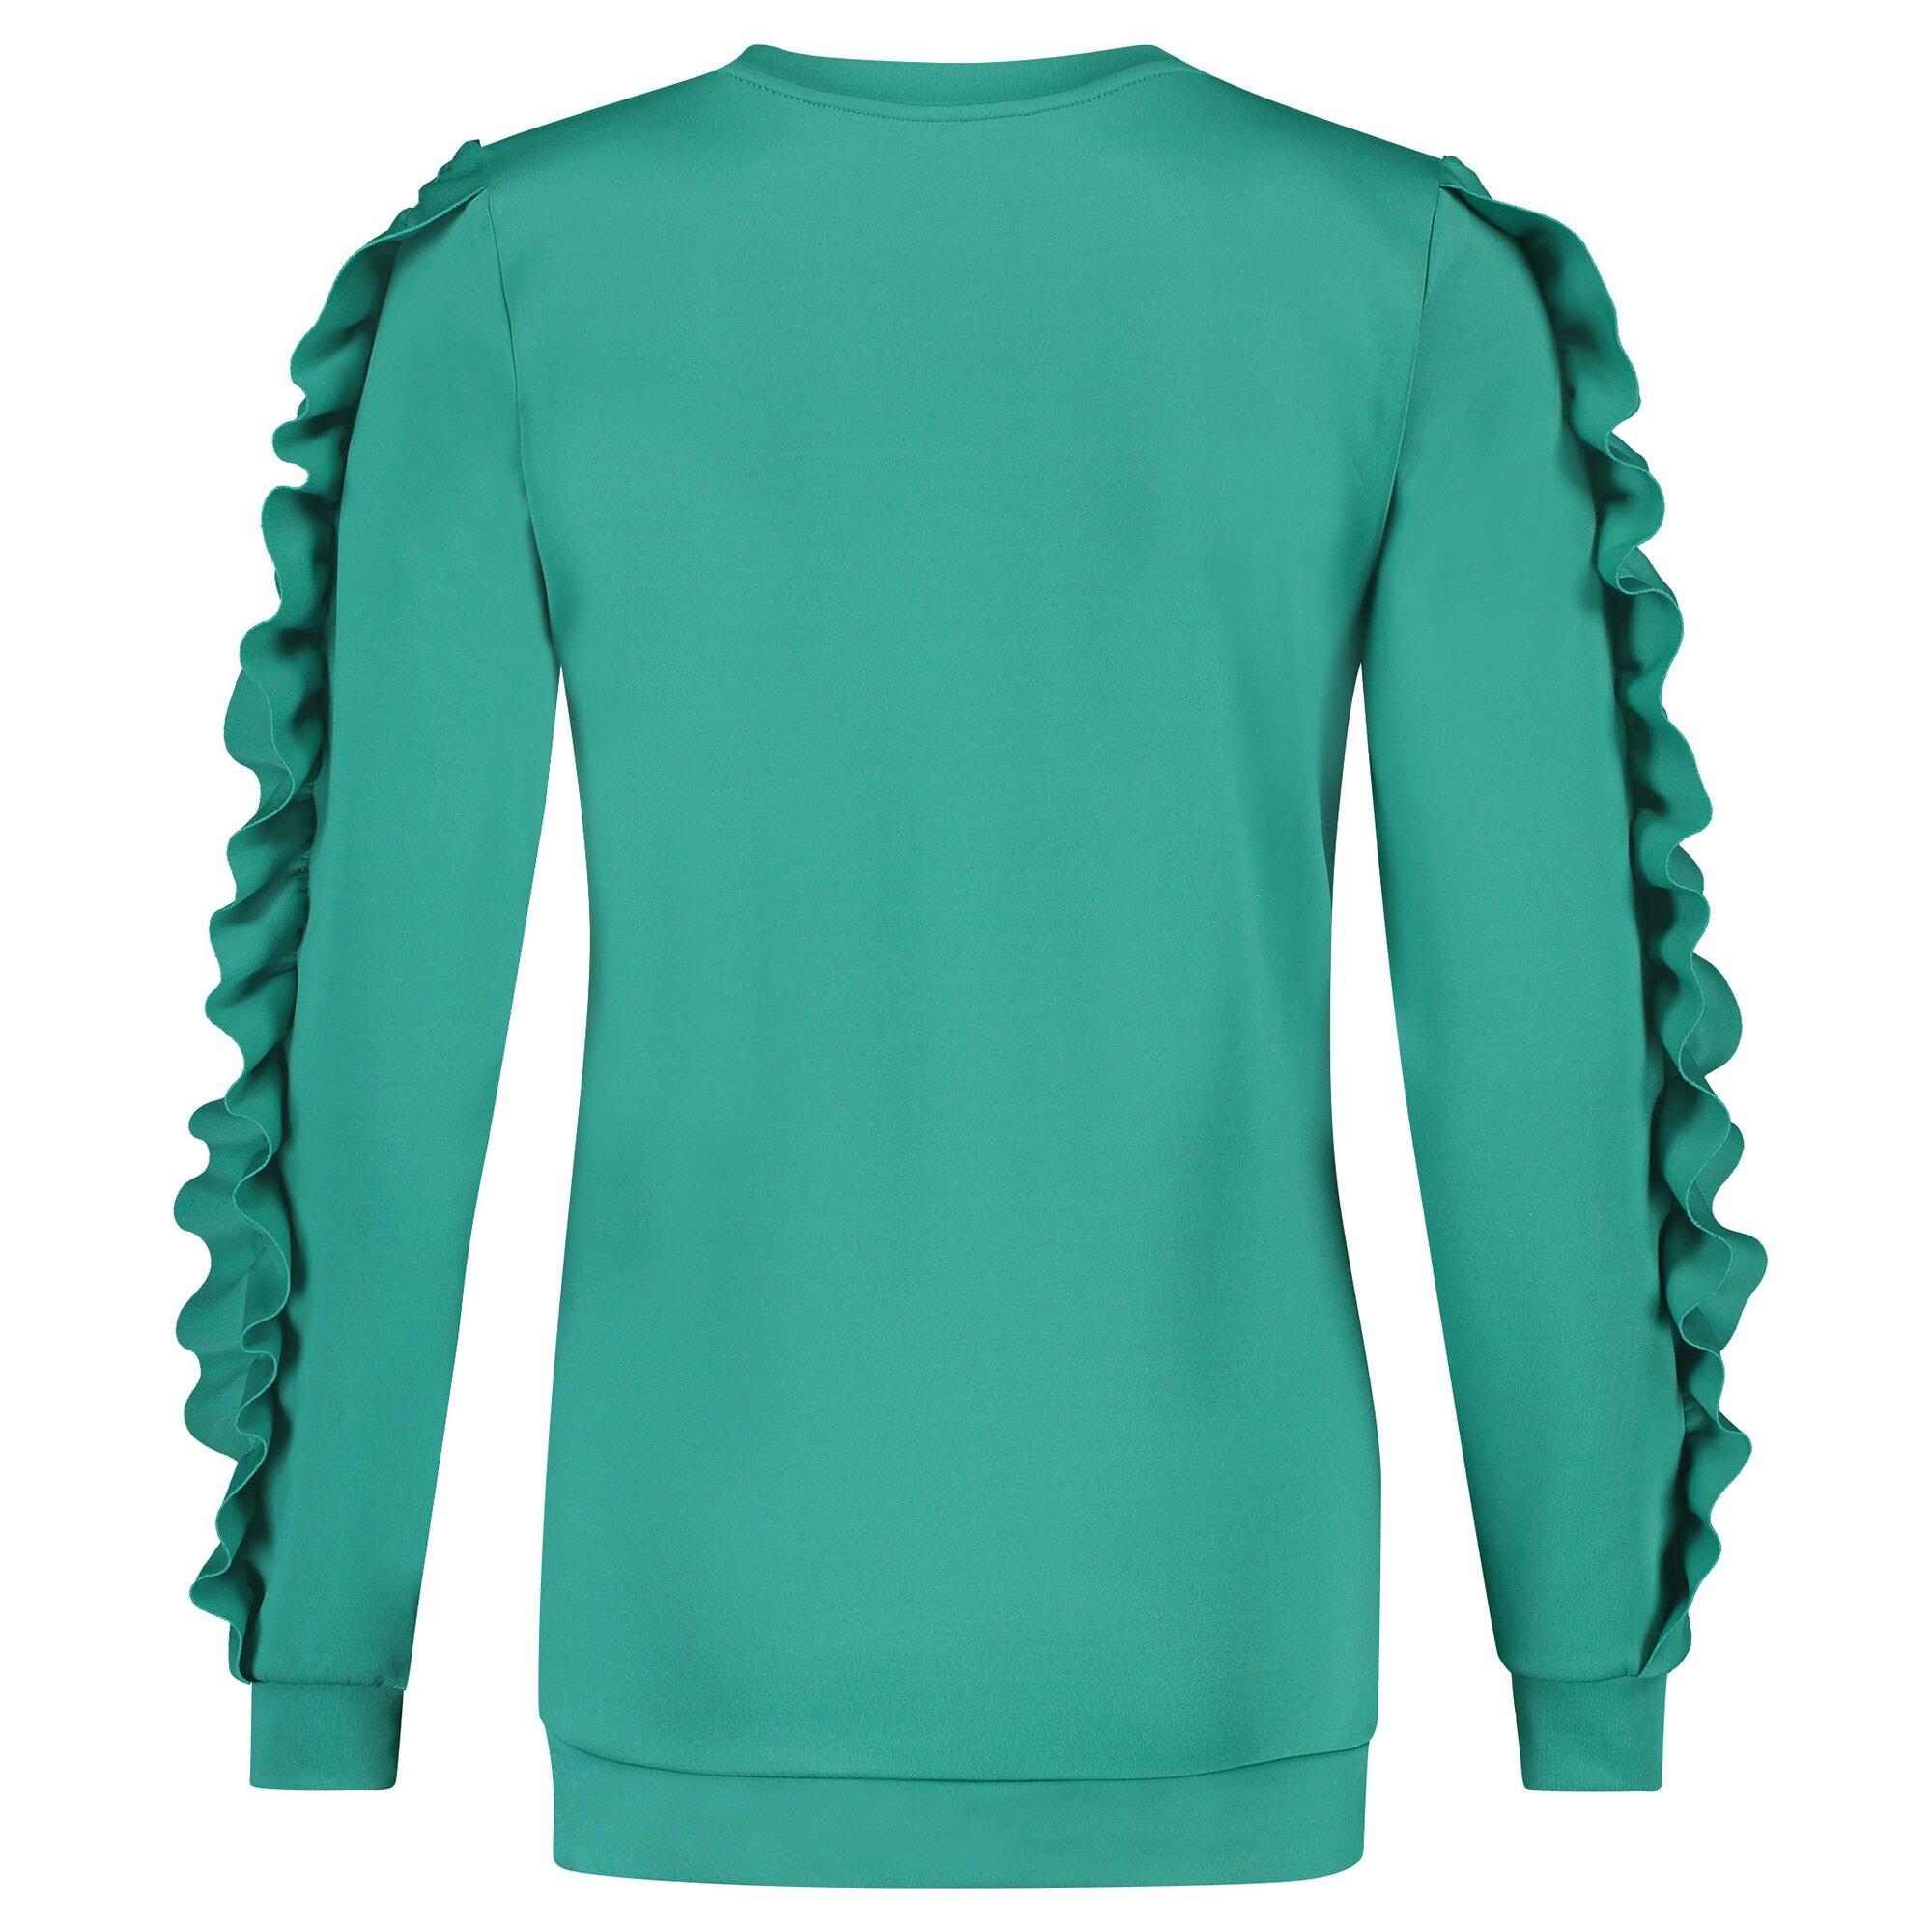 supermom-pullover-green-ruffle